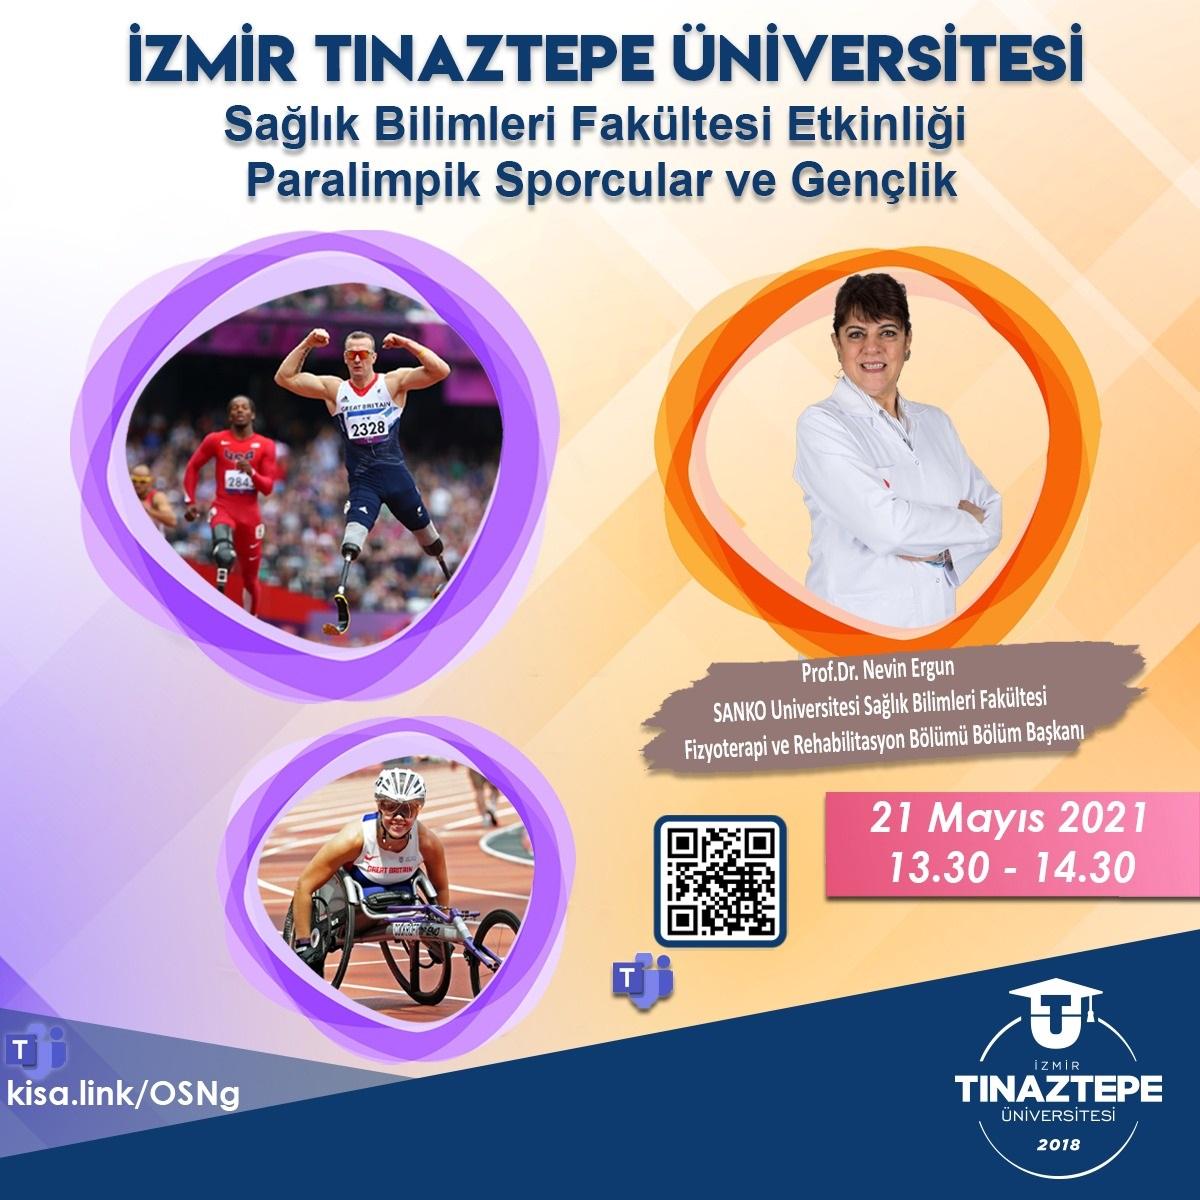 Paralimpik Sporcular ve Gençlik Etkinliği